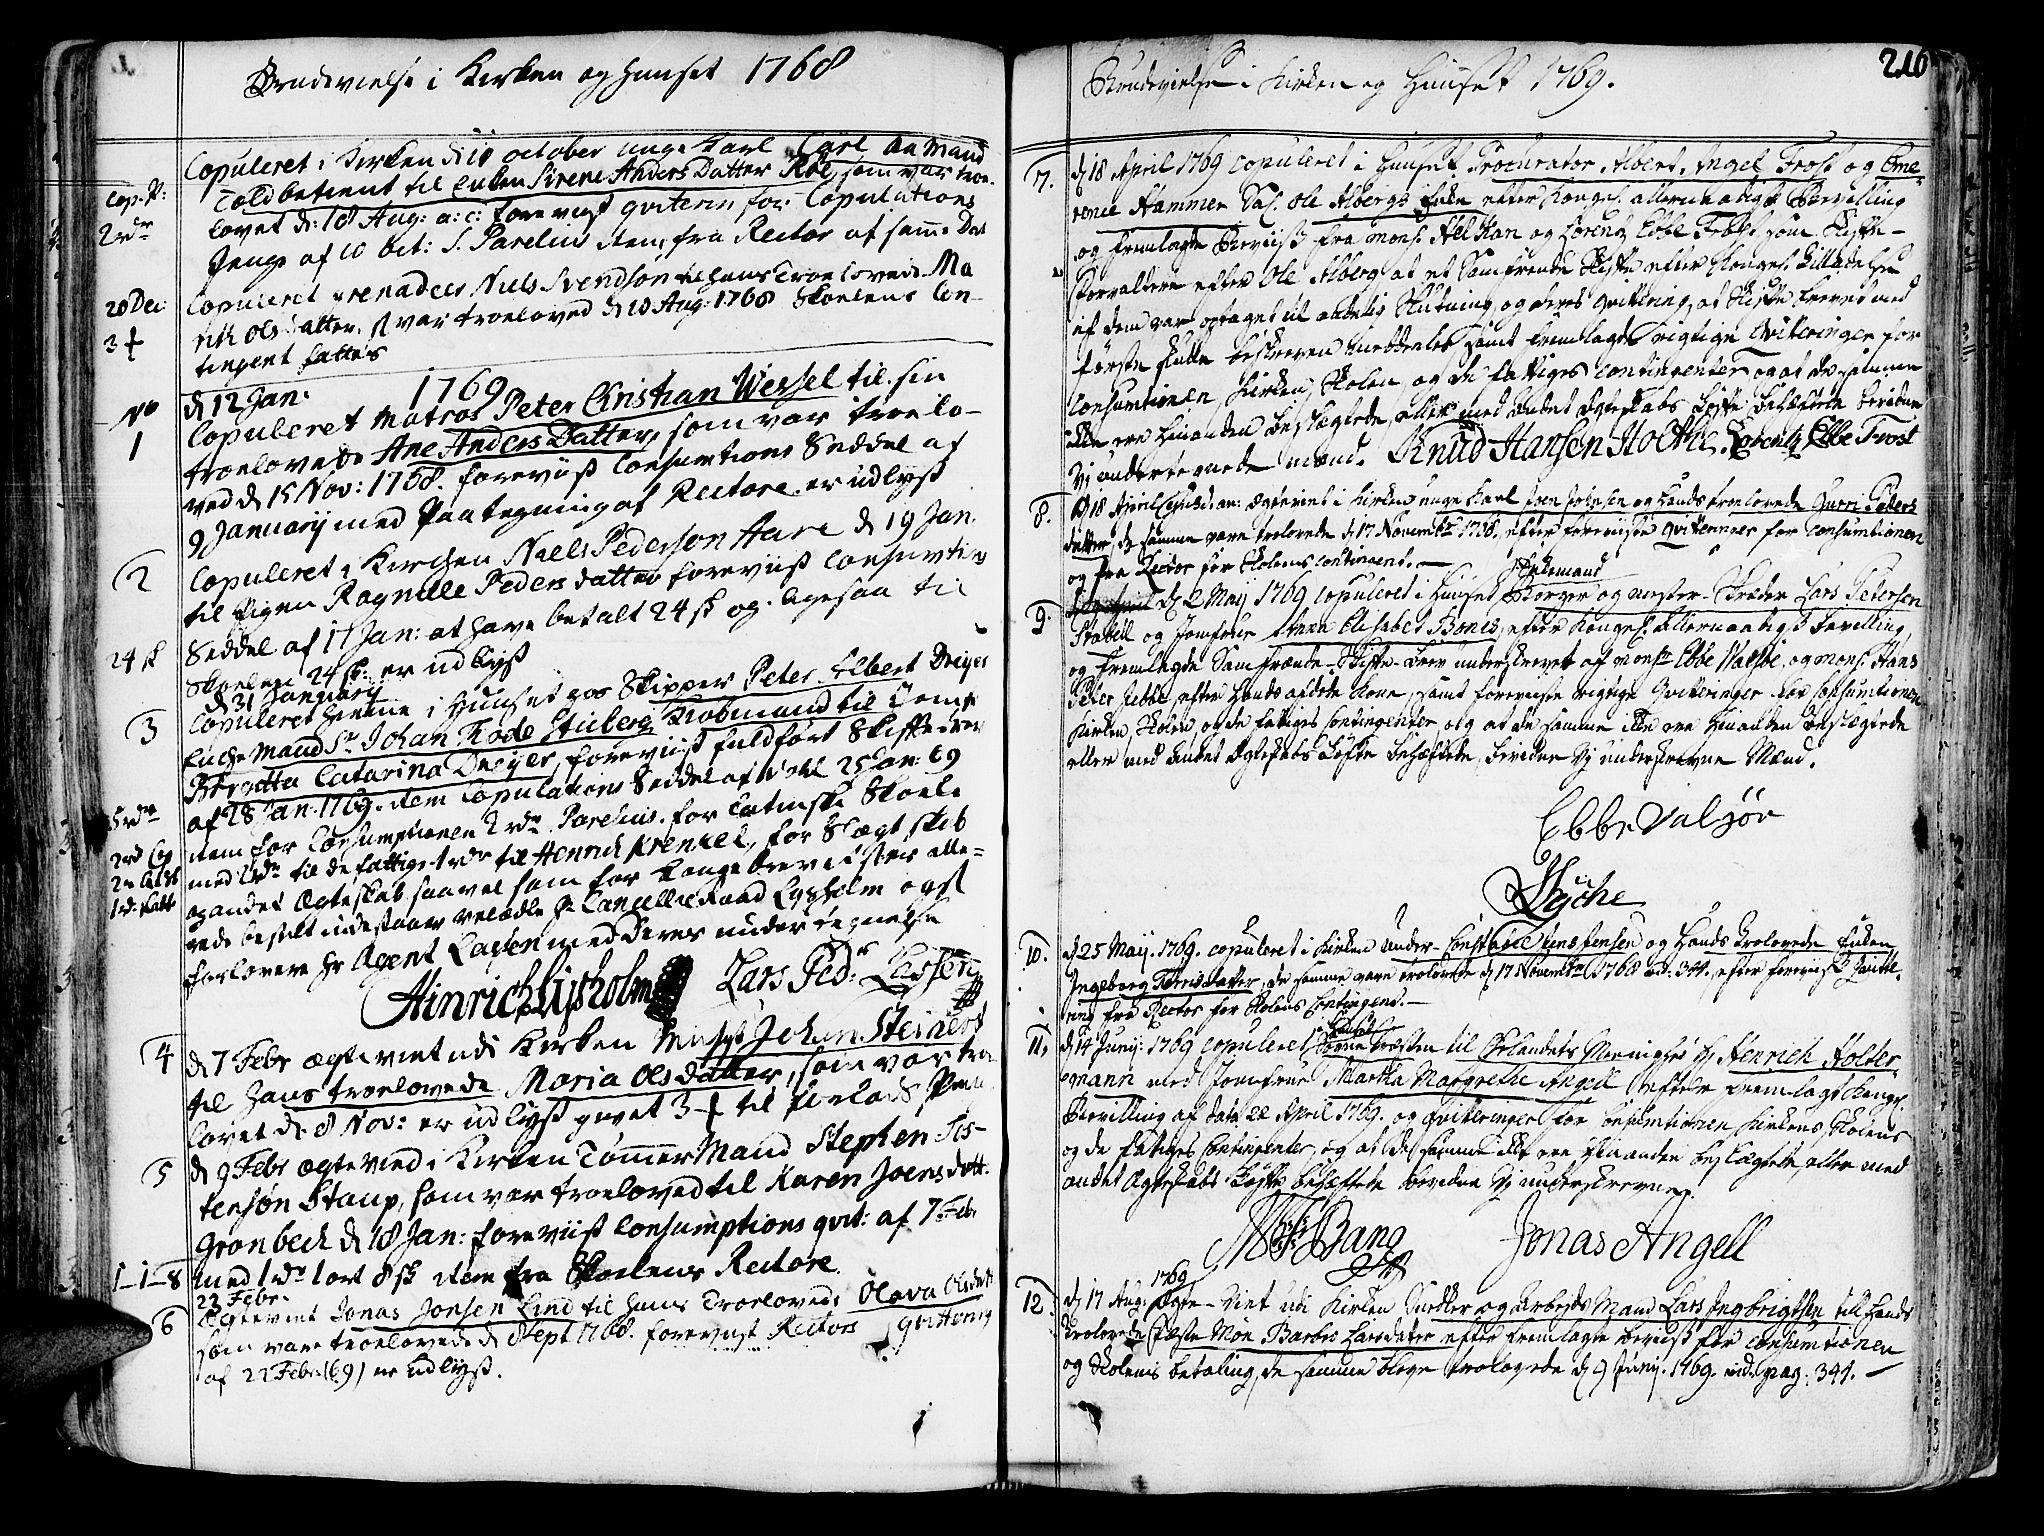 SAT, Ministerialprotokoller, klokkerbøker og fødselsregistre - Sør-Trøndelag, 602/L0103: Ministerialbok nr. 602A01, 1732-1774, s. 216